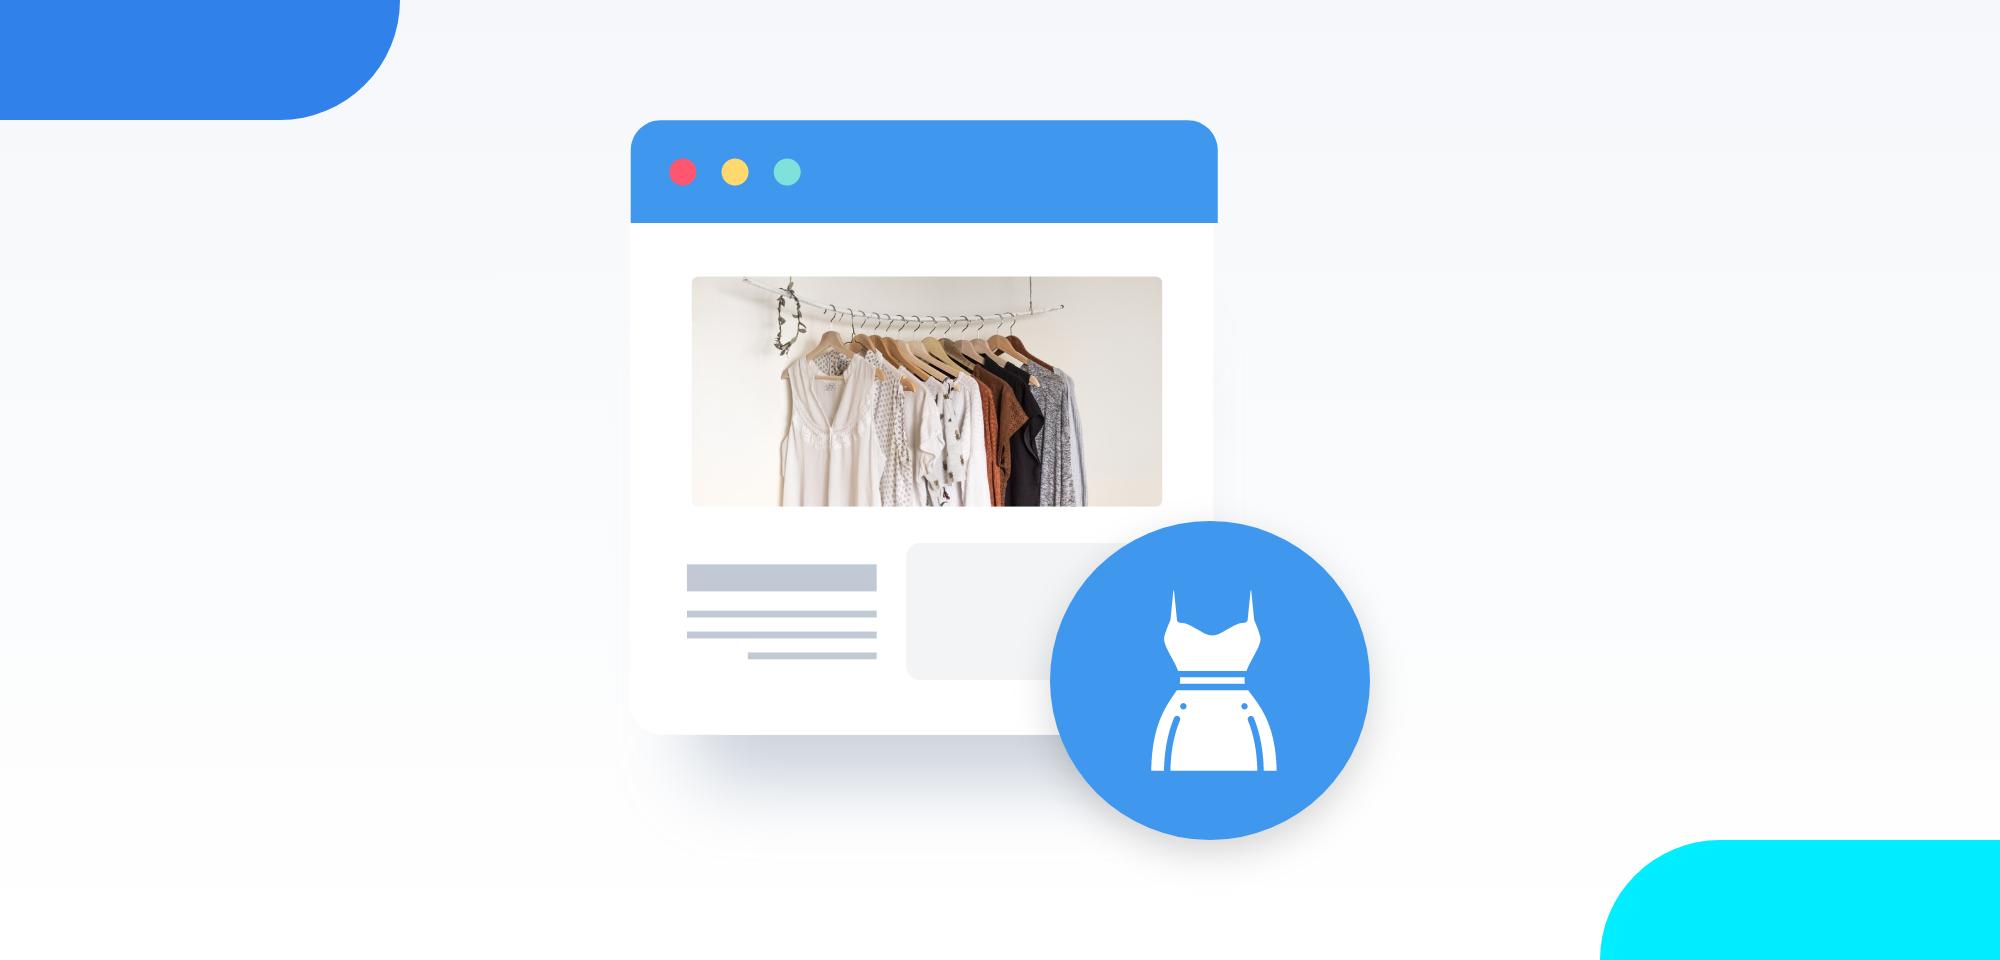 لندینگ پیج چه کمکی به فروشندههای پوشاک میکند؟